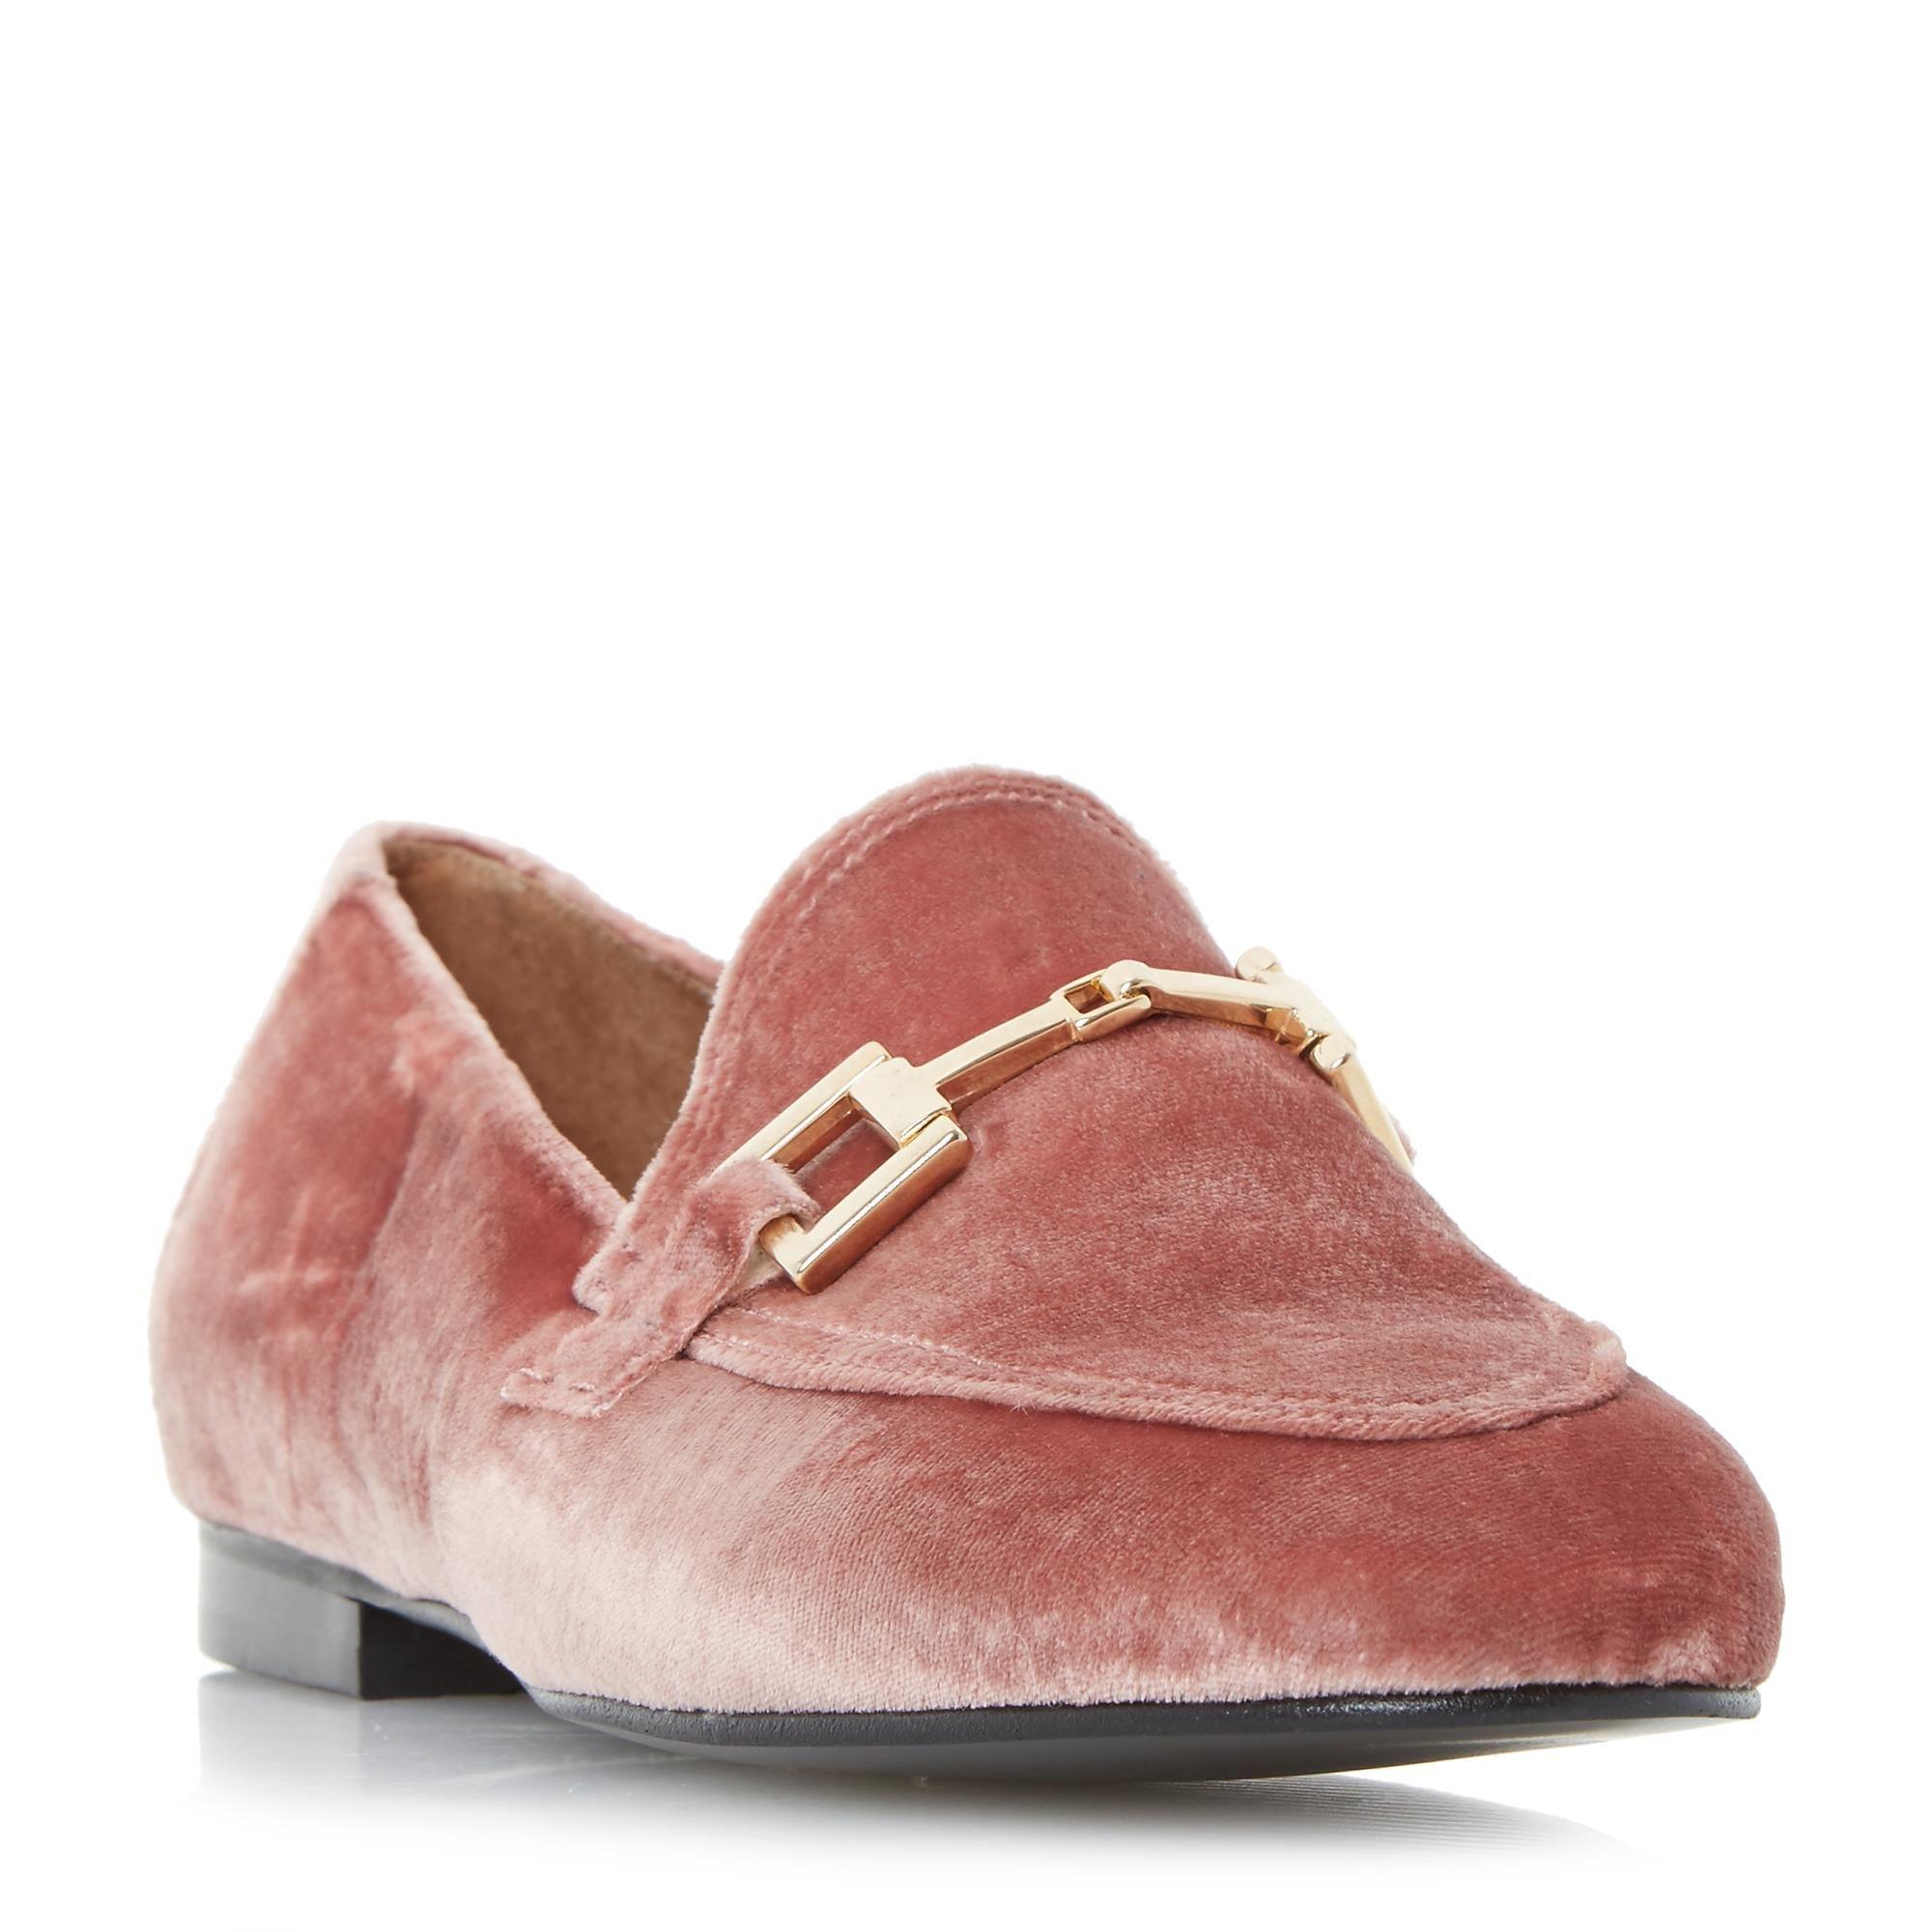 7a230ee0ae3 DUNE LADIES GURU - Metal Saddle Trim Loafer Shoe - pink velvet ...